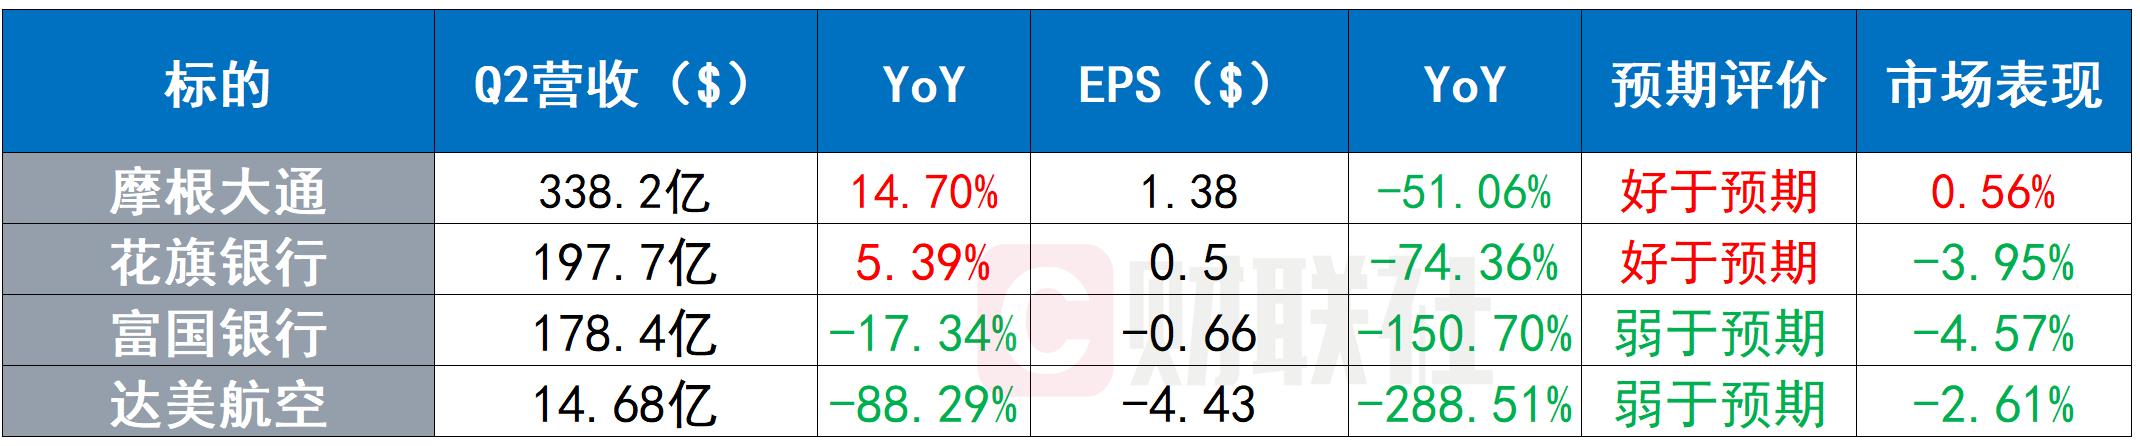 美股收盘:三大股指集体收涨 周期股获筹码青睐